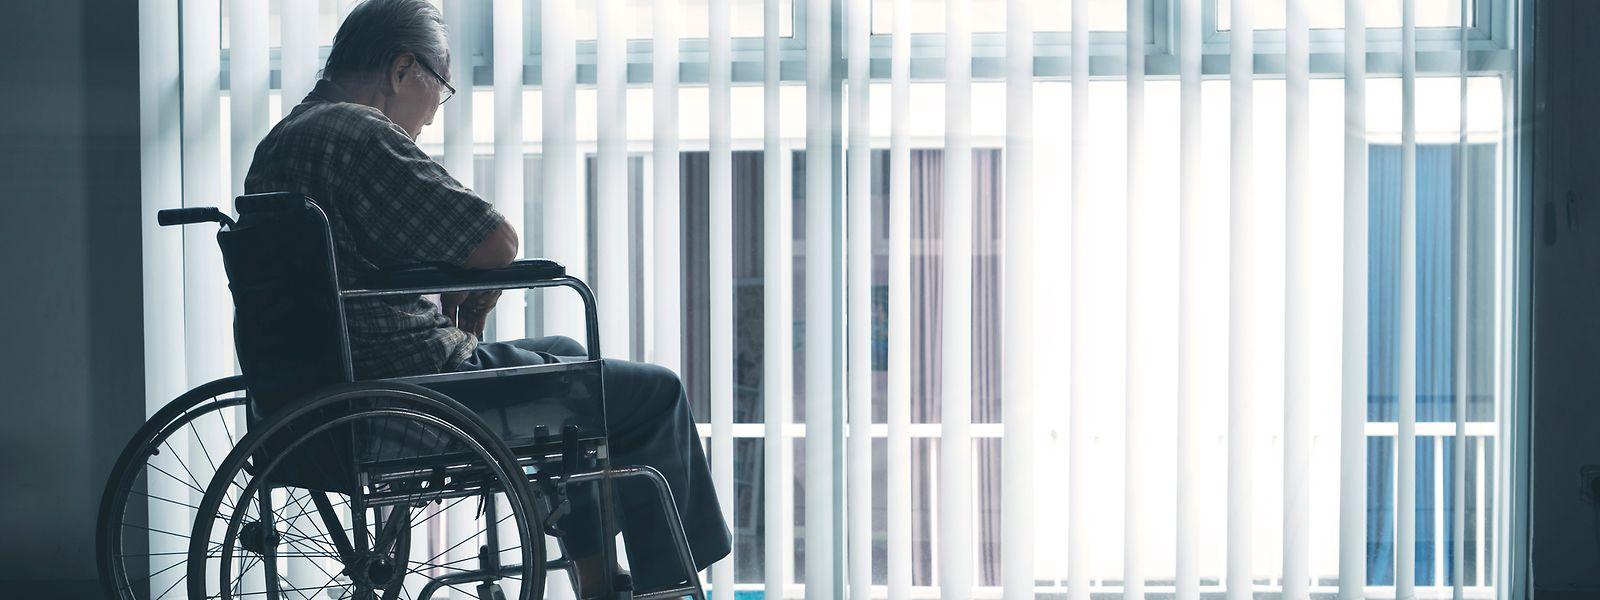 Anfang Juli hatten drei Organisationen auf Missstände in Behindertenstrukturen aufmerksam gemacht. Der Bürgerbeauftragten aber sind die Hände gebunden. Sie darf dort nicht intervenieren.